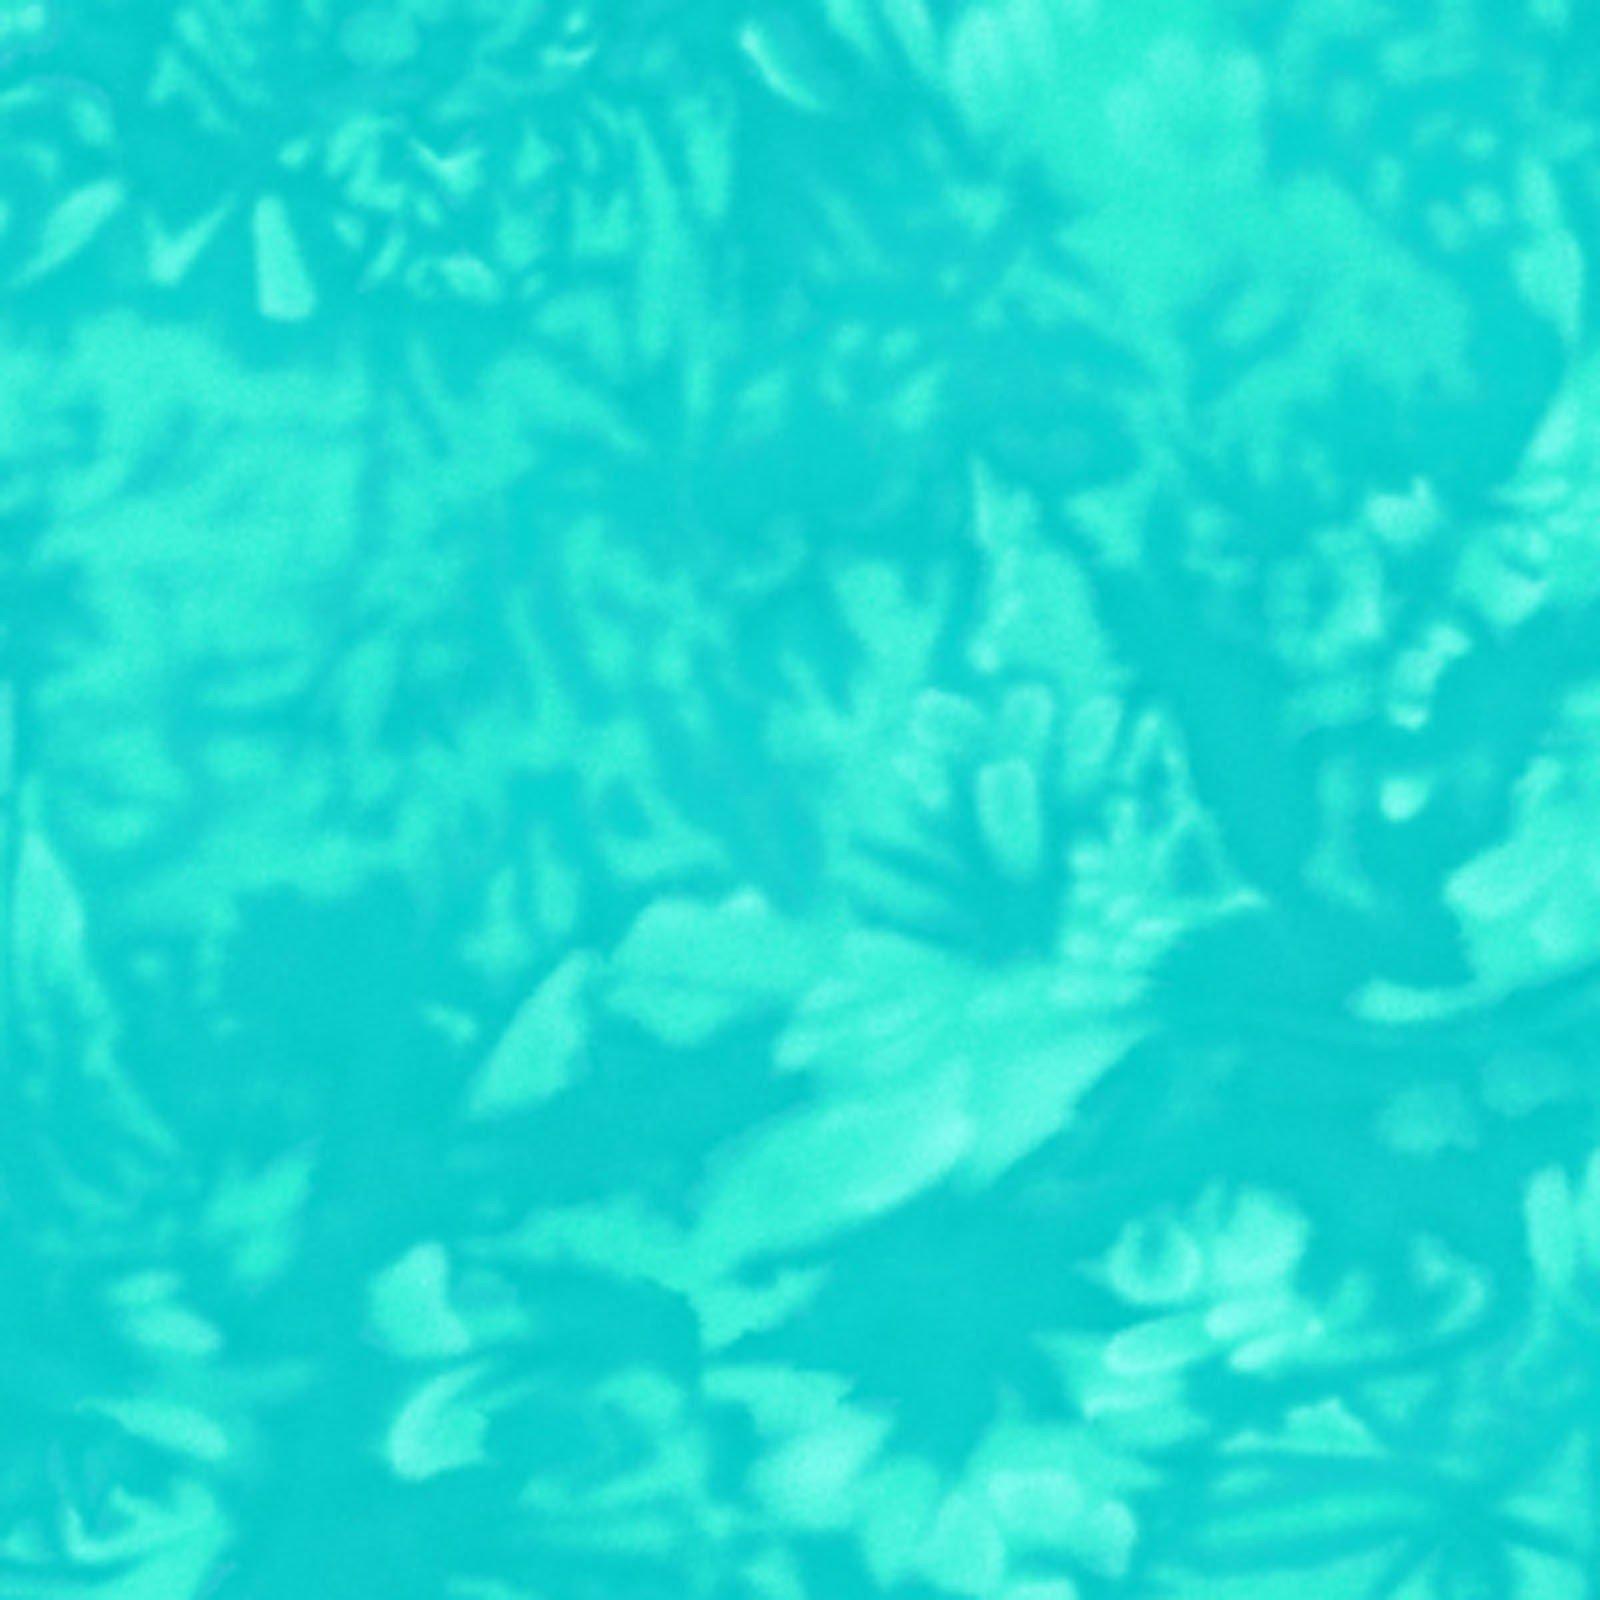 Handspray - Mermaid<br/>RJR Fabrics 4758-130